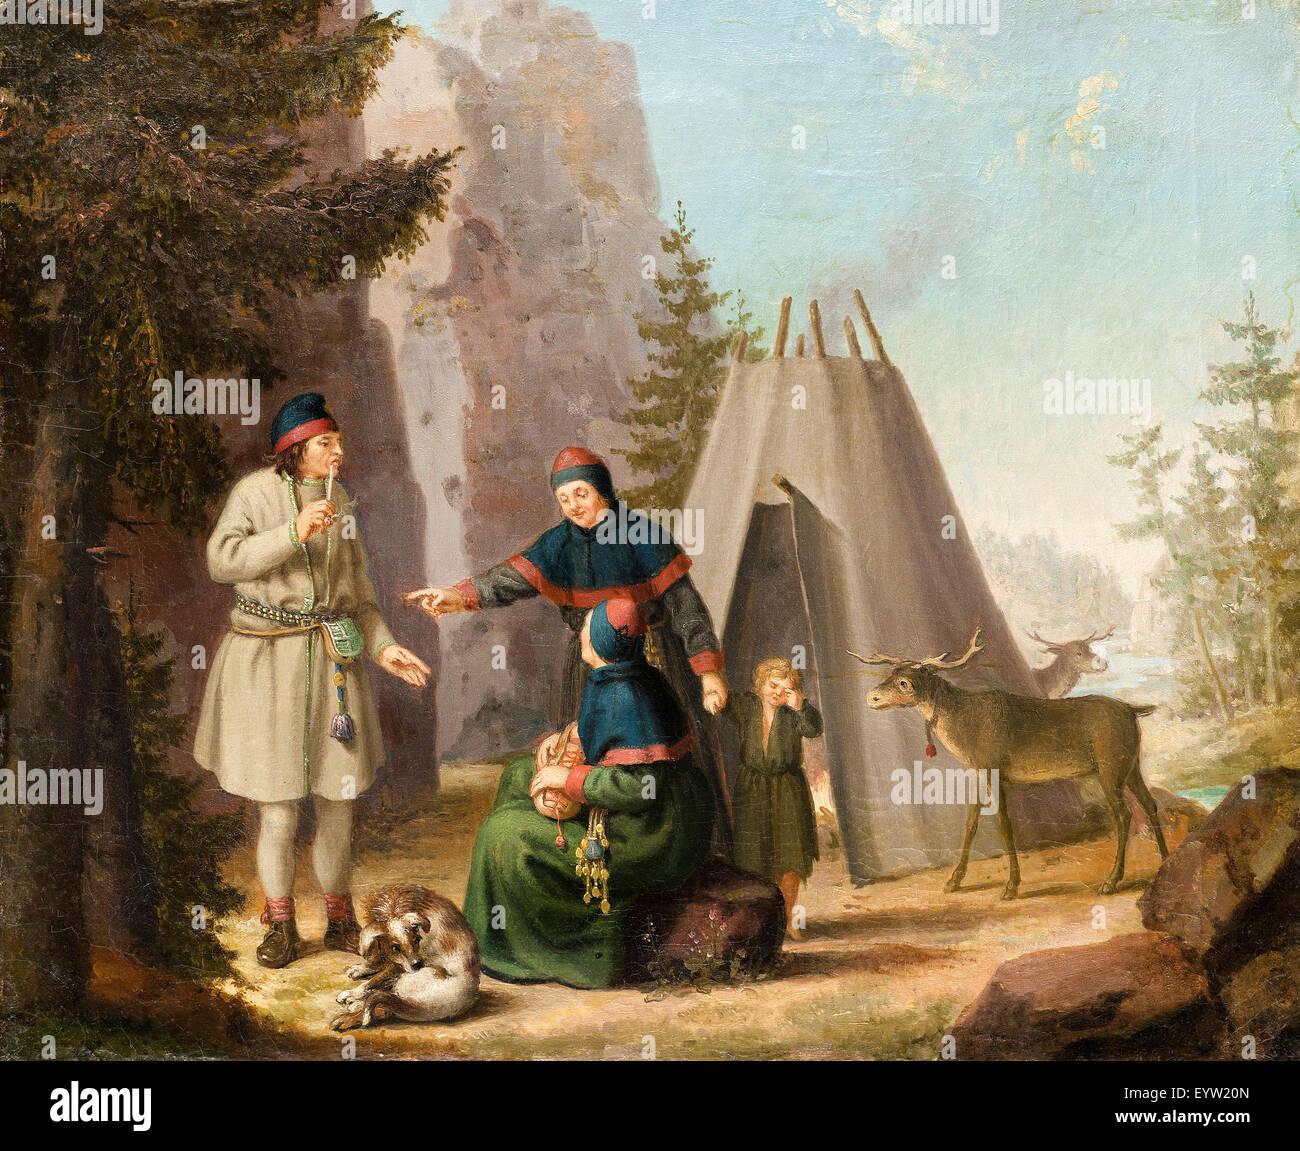 Pehr Hillestrom, los trajes de la Lapponians. Óleo sobre lienzo. Hallwylska Museum, Estocolmo, Suecia. Imagen De Stock